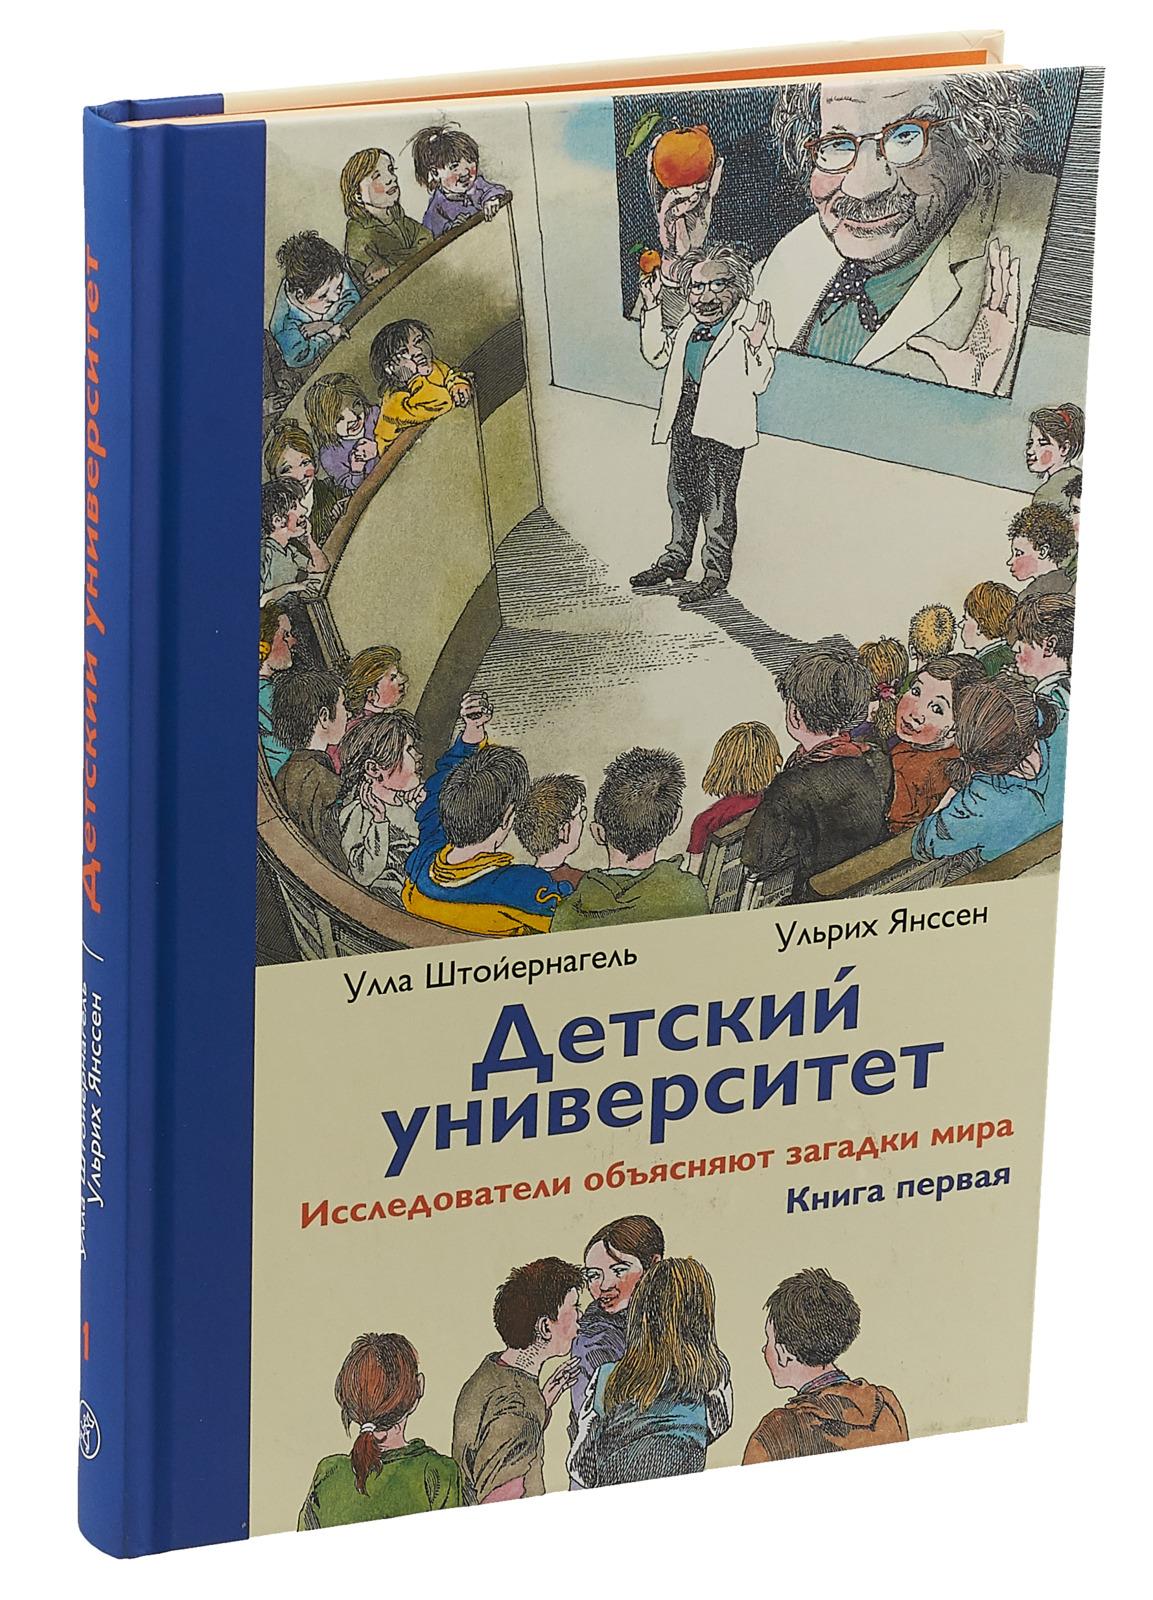 Детский университет. Исследователи объясняют загадки мира. Книга первая. Улла Штойернагель, Ульрих Янссен